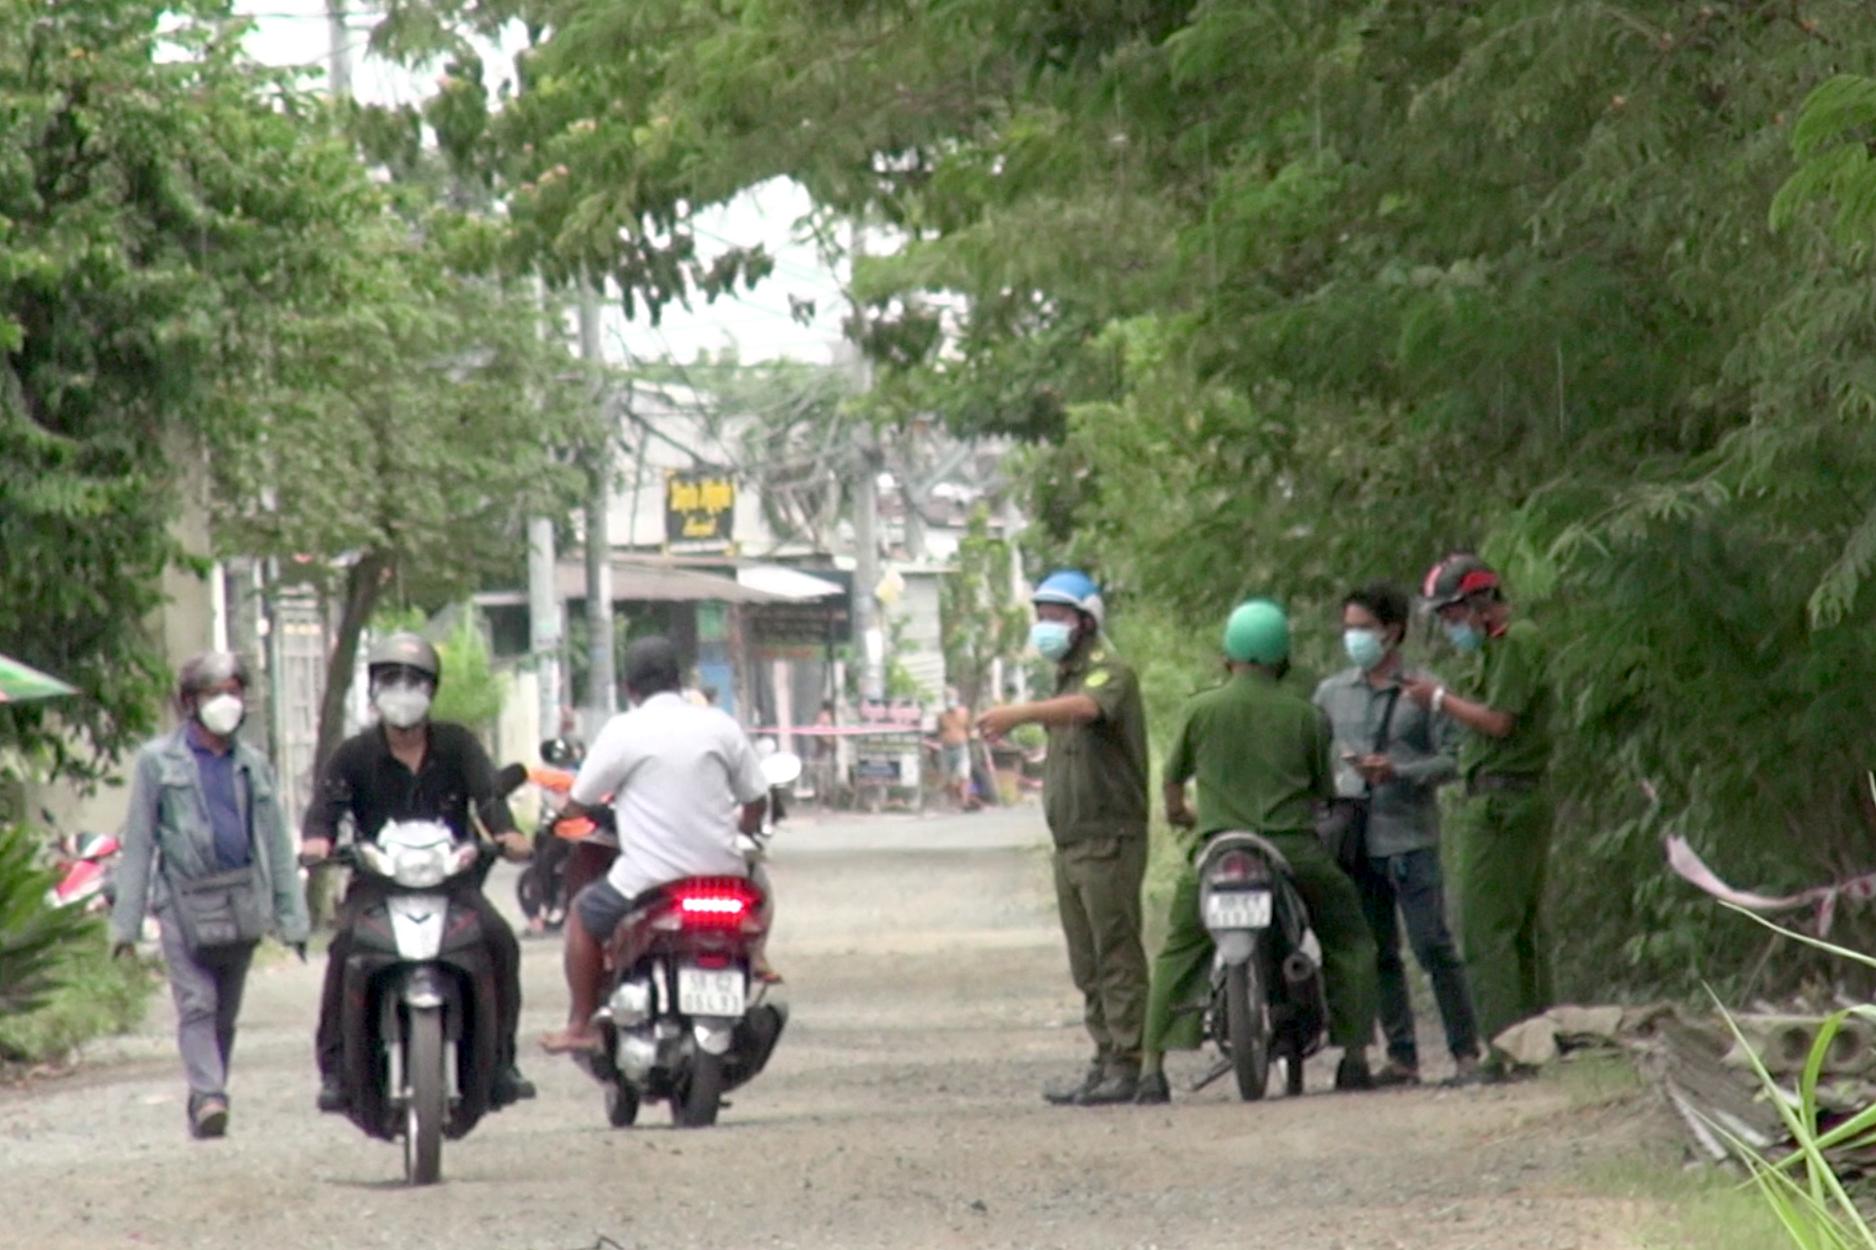 Nhóm thanh niên đuổi nhau bằng xe máy, một người lao xuống kênh tử vong - 1